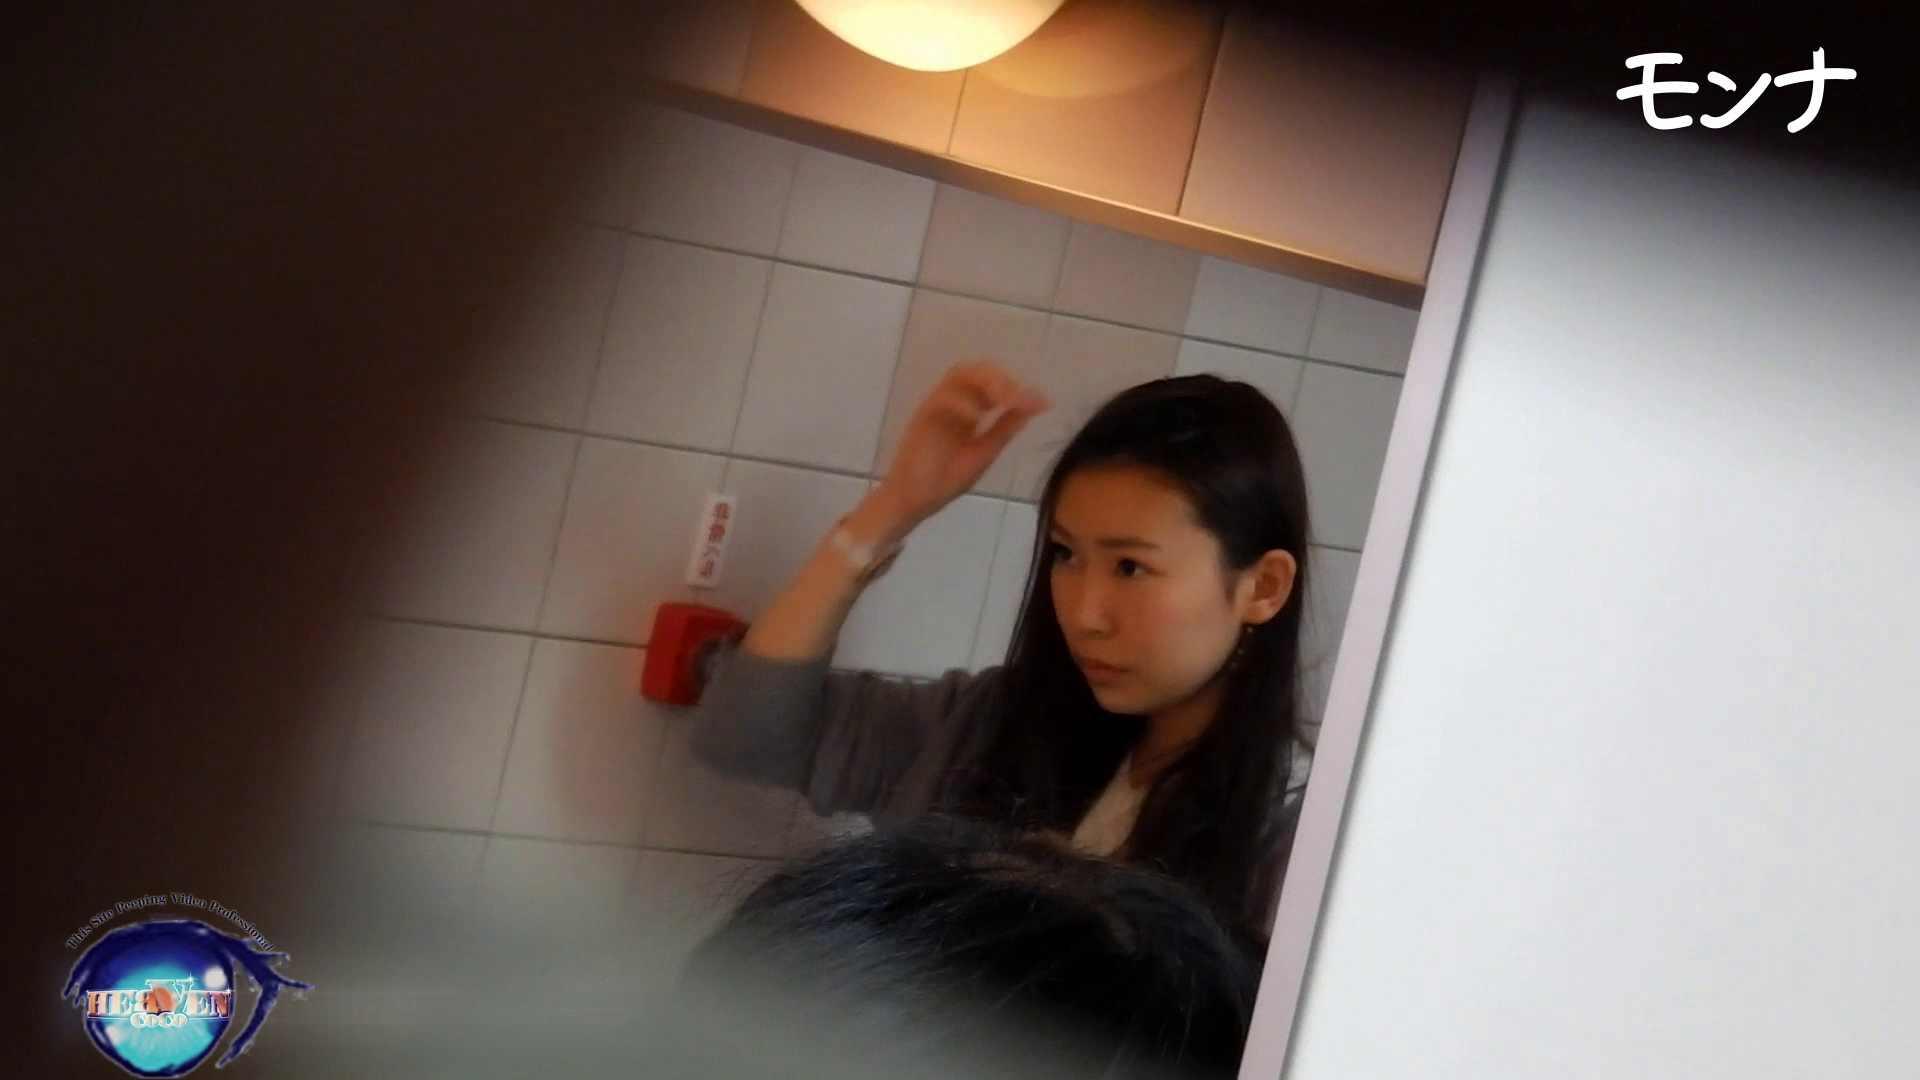 美しい日本の未来 No.90若さの特権、肛門三センチほど伸びれる!前編 アナル無修正 すけべAV動画紹介 75pic 31